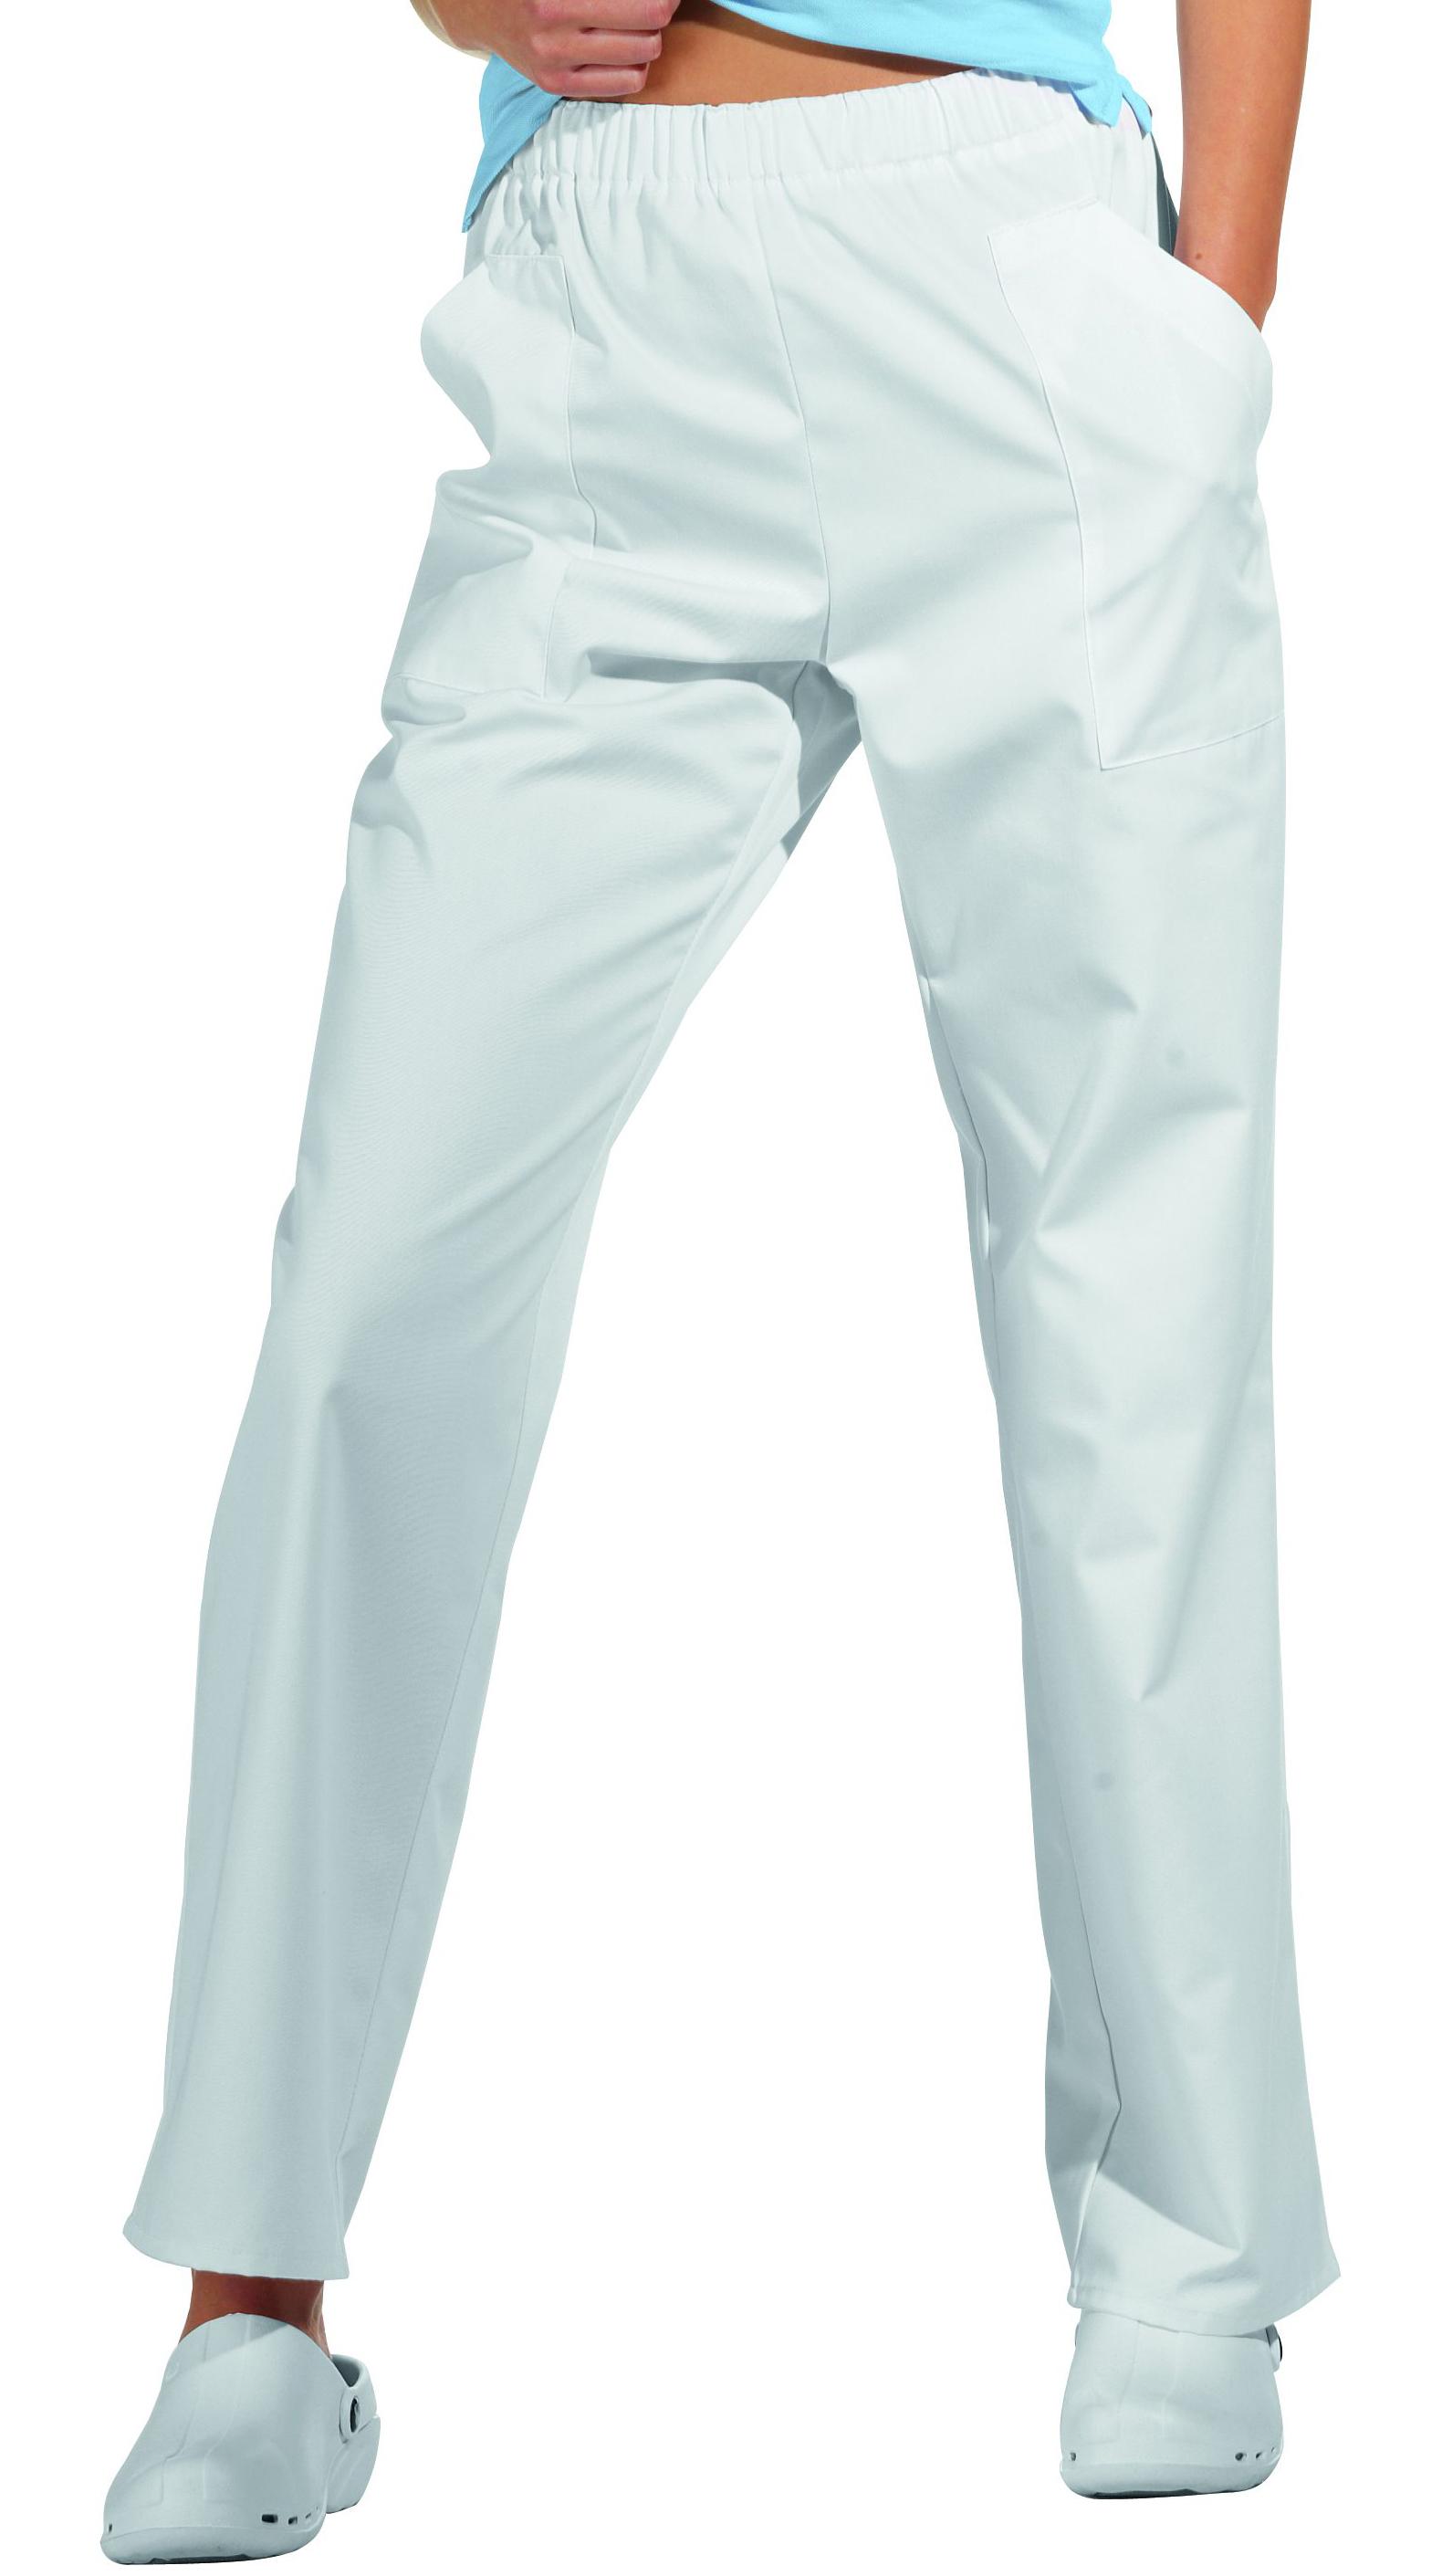 Leiber Hose weiss Schrittlänge 75 cm 65% Poly./35% Bw L08/8192 w